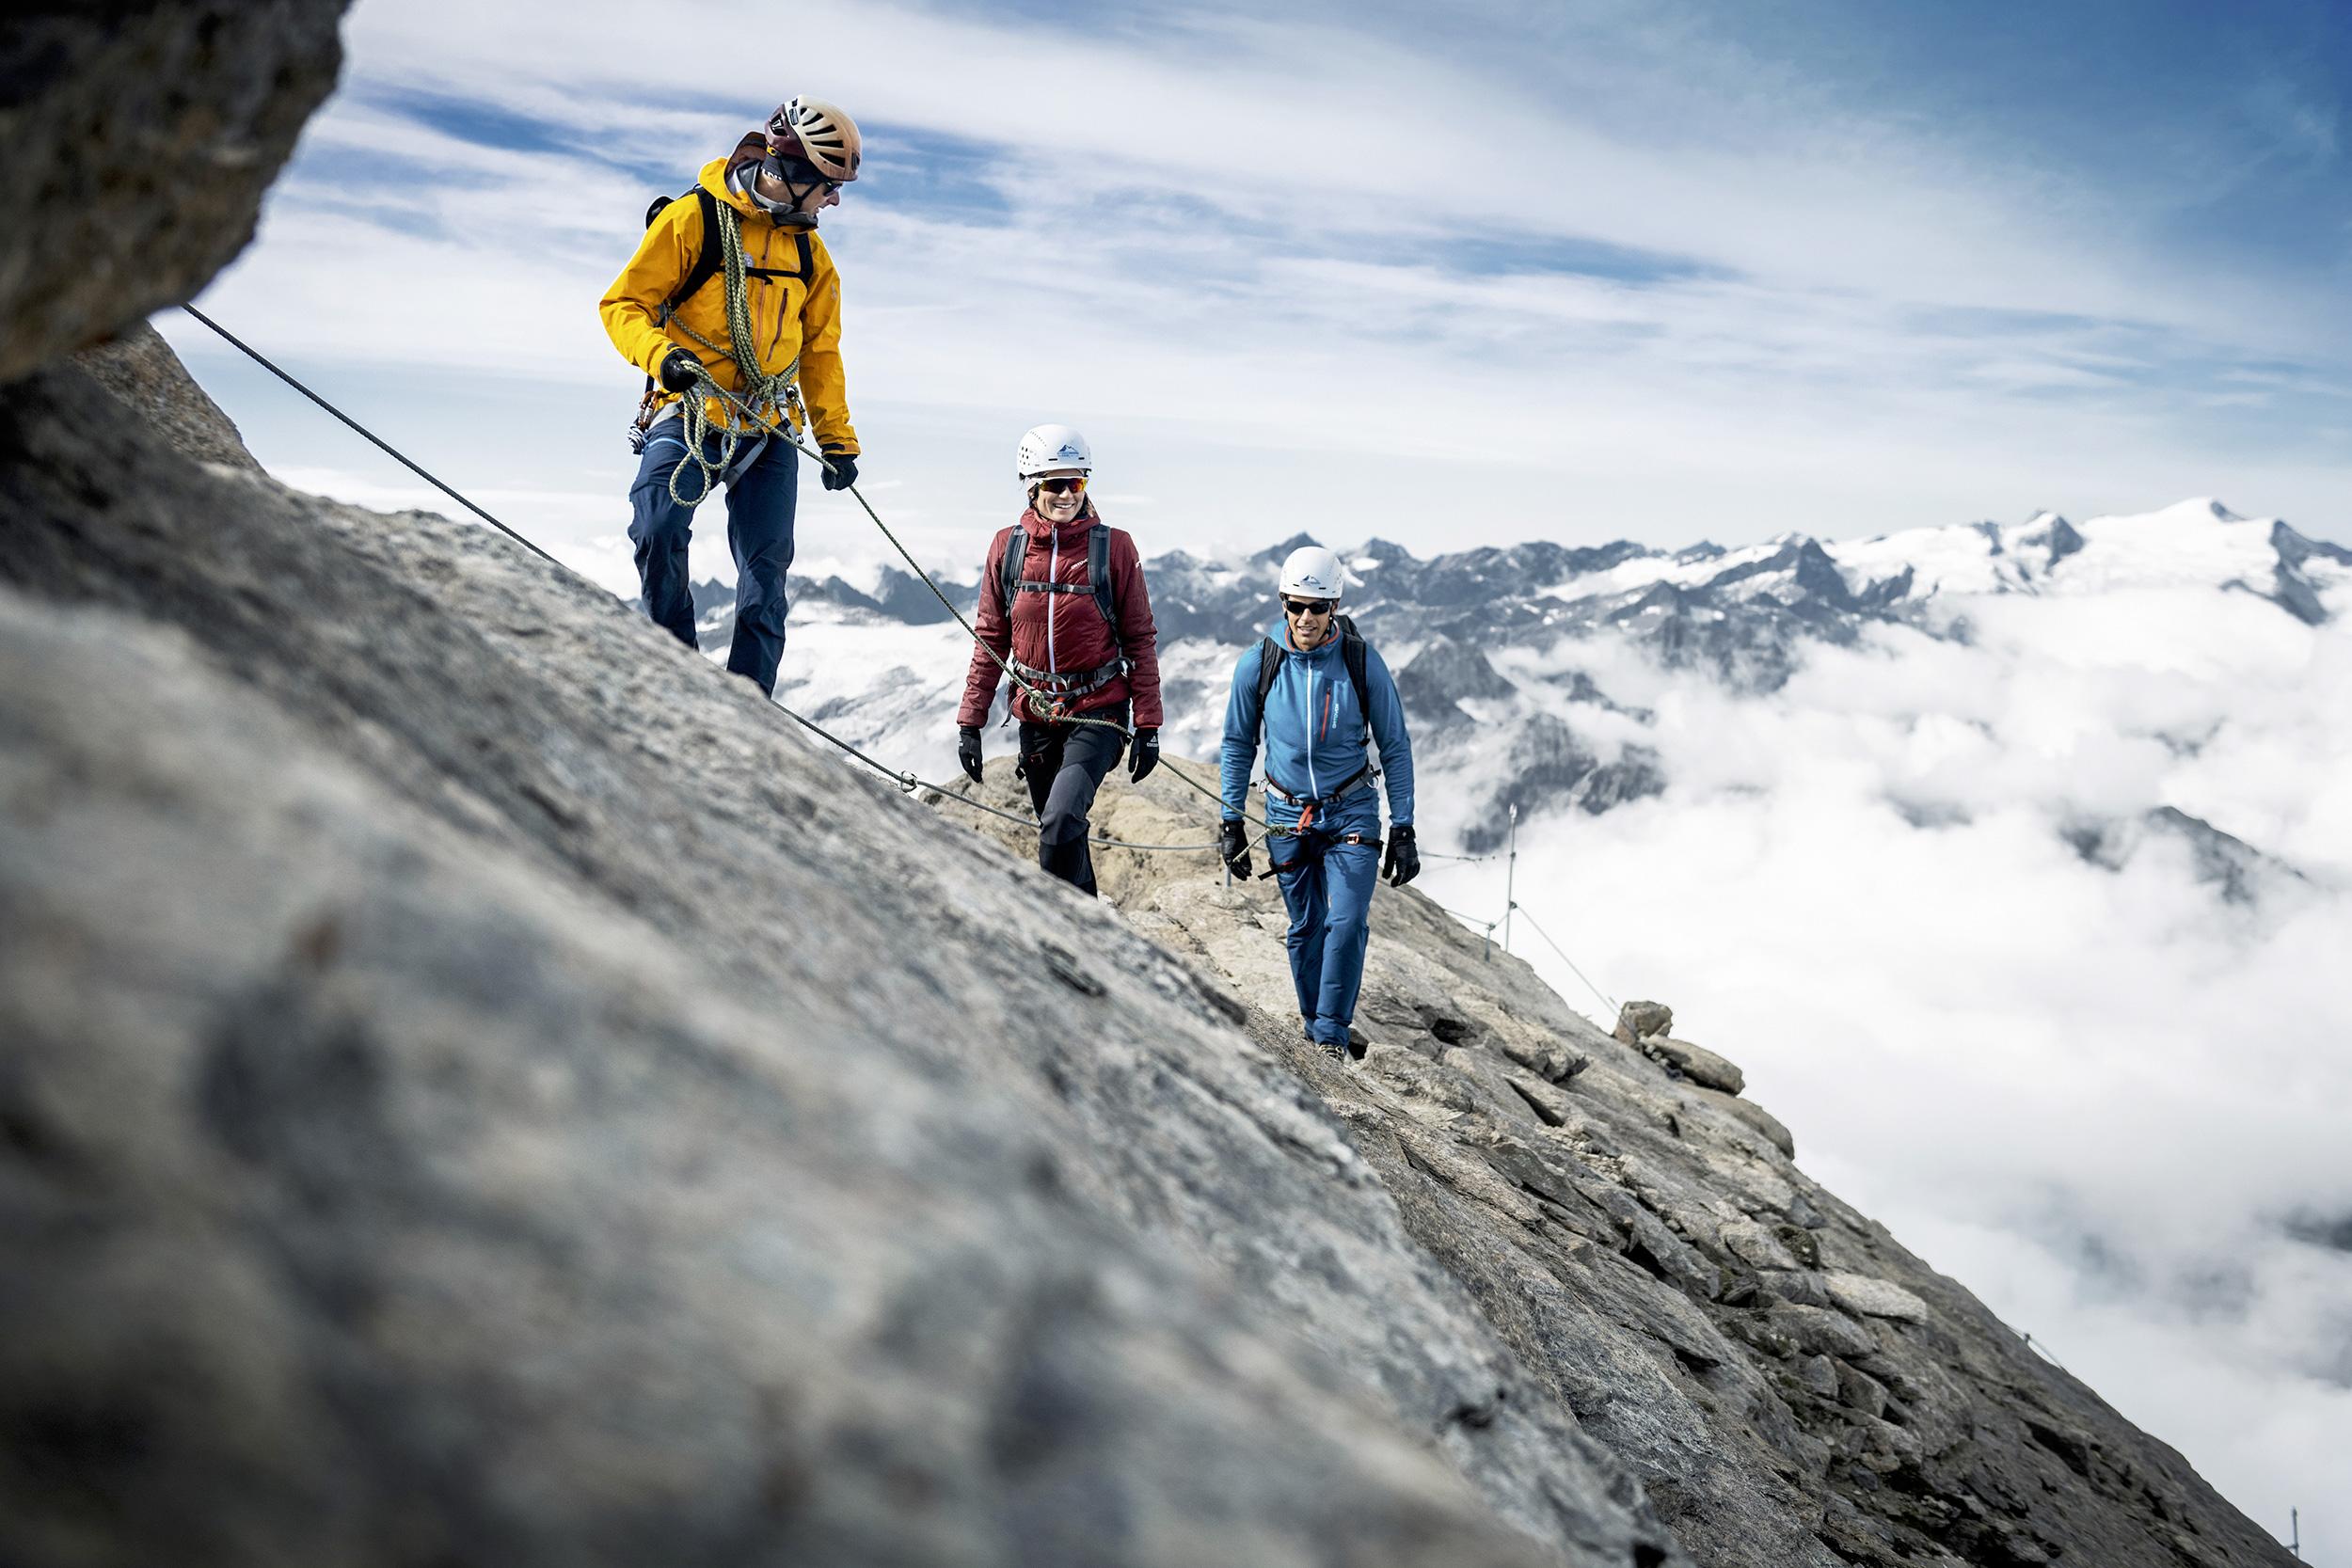 Mit Bergführern den Gipfel des Kitzsteinhorns erklimmen